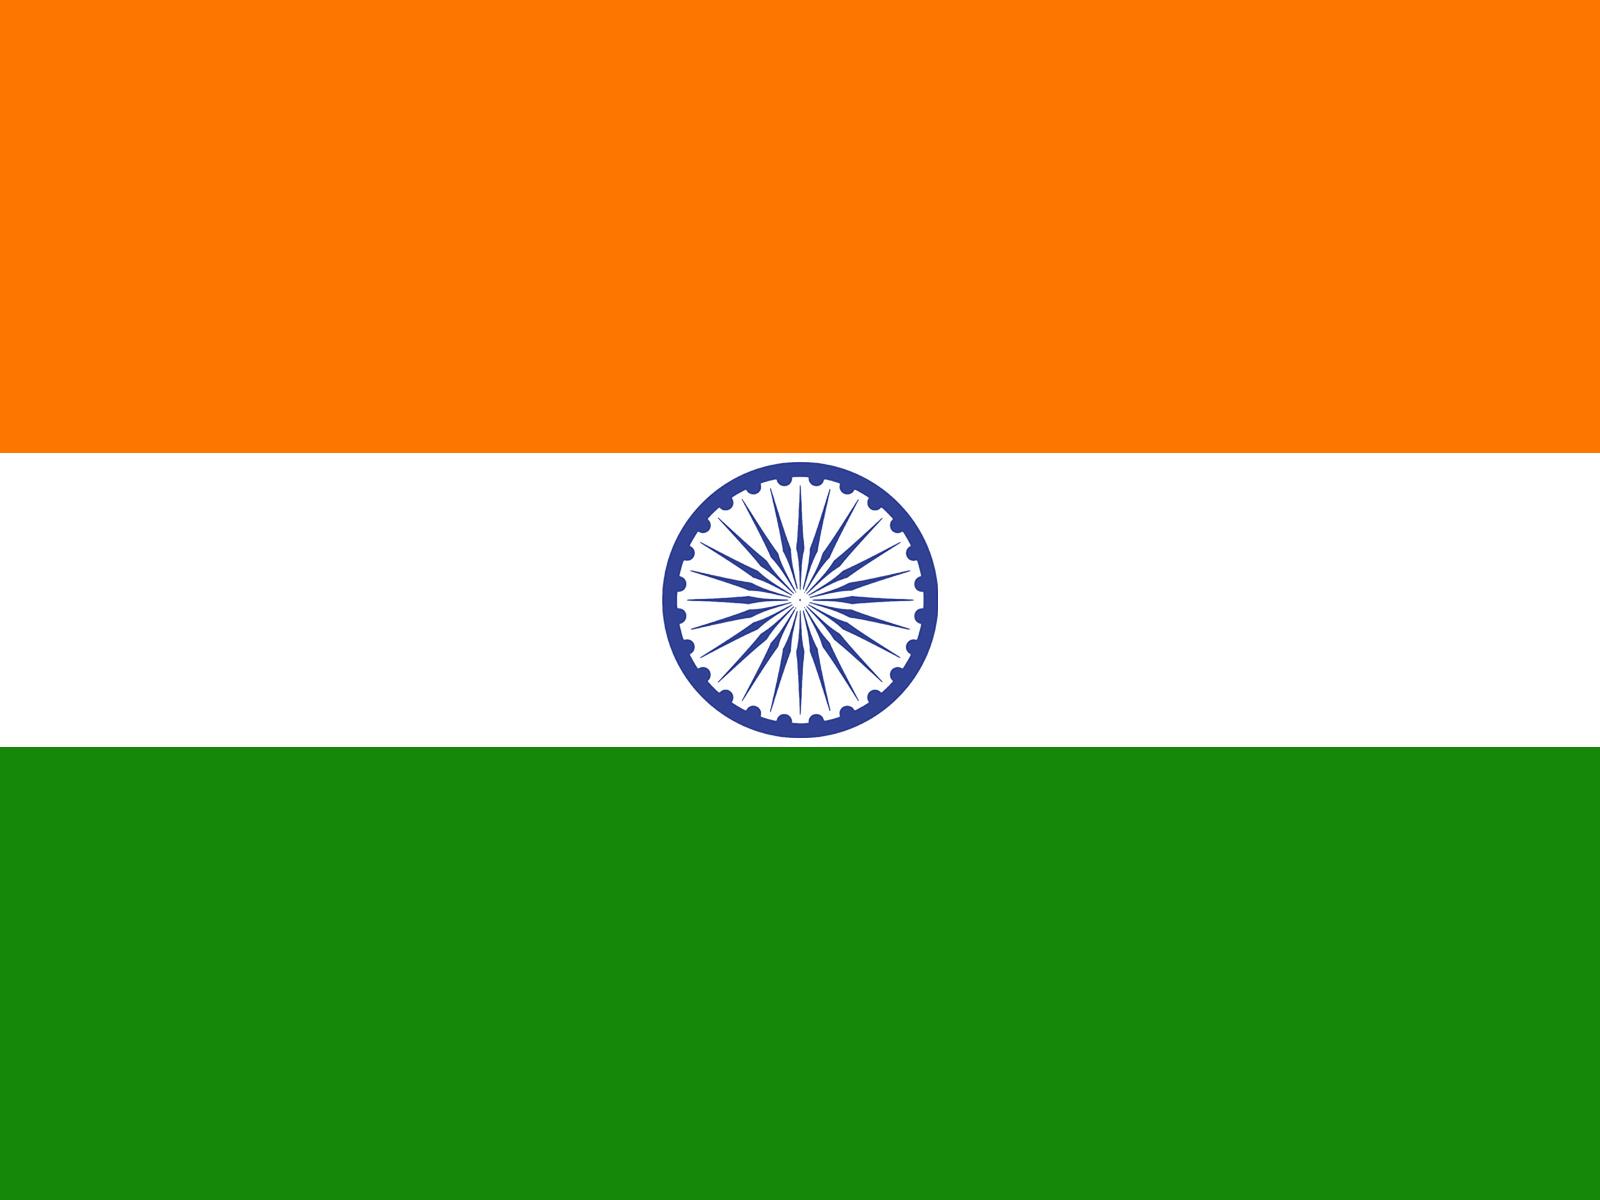 India Flag Background